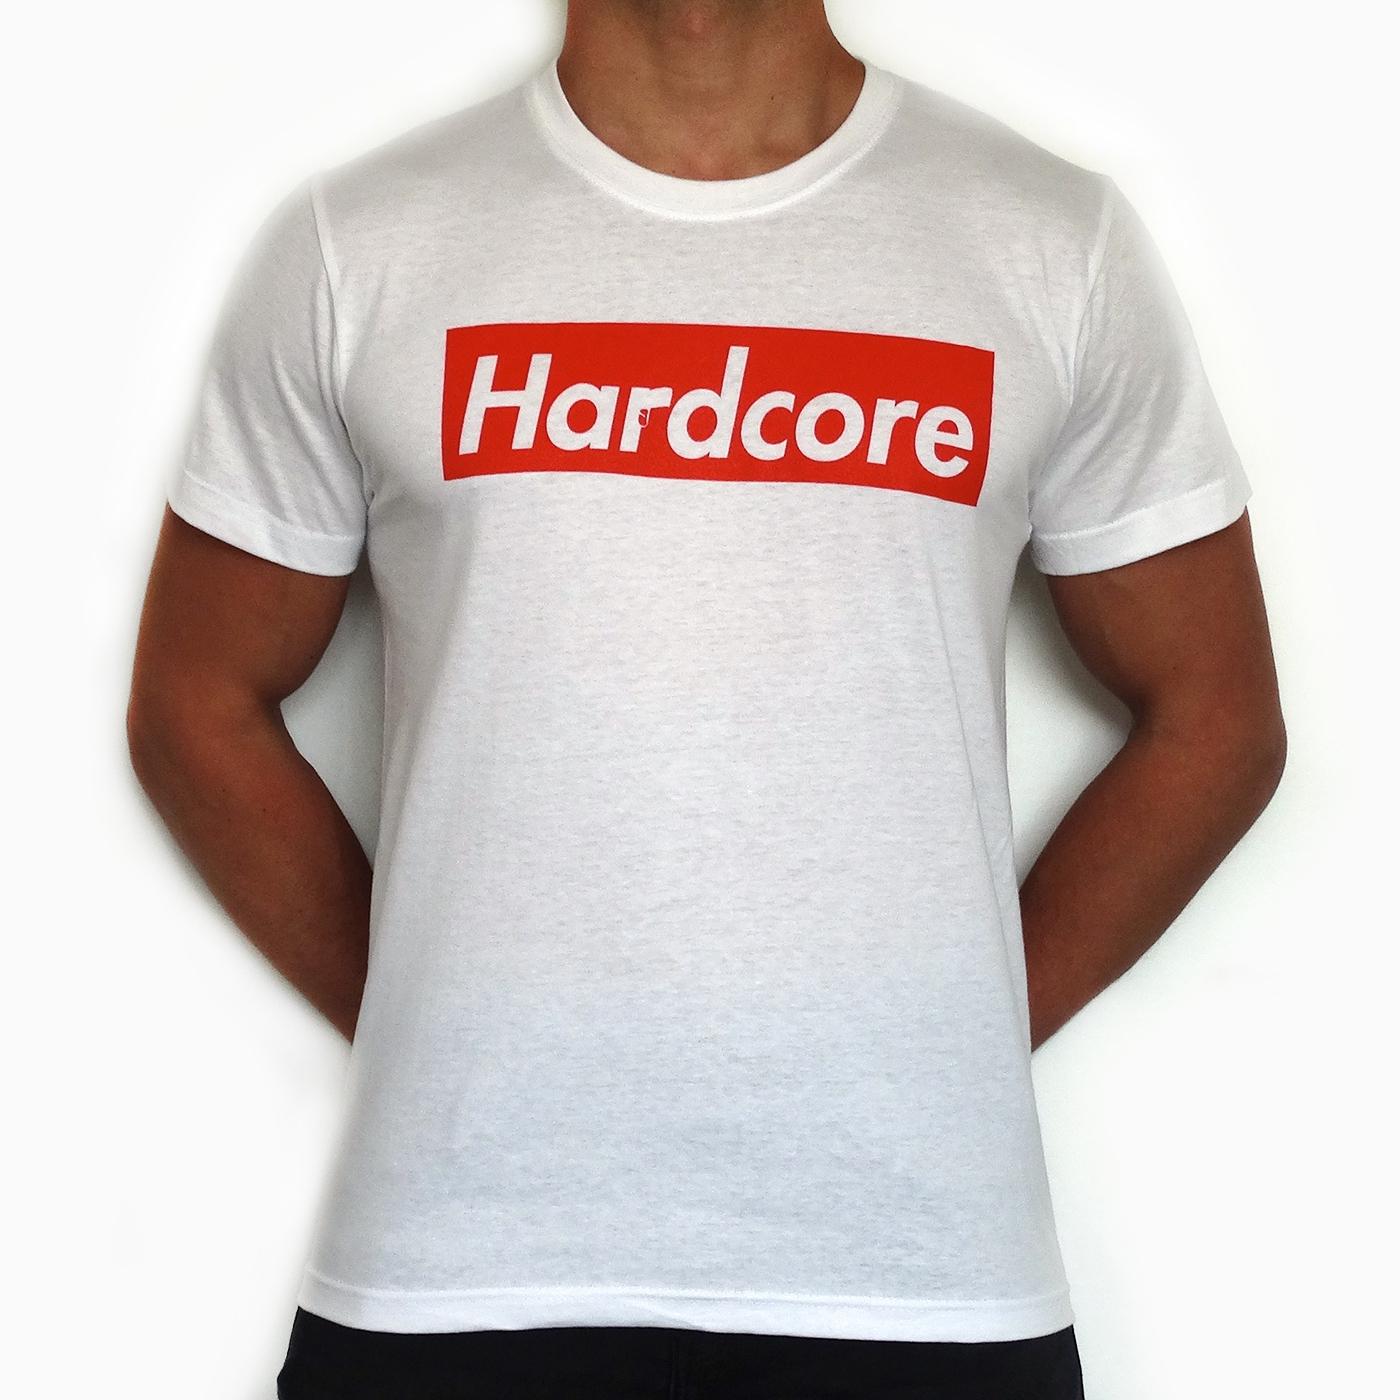 supreme hardcore t-shirt white (suphcssw) shortsleeve - rigeshop